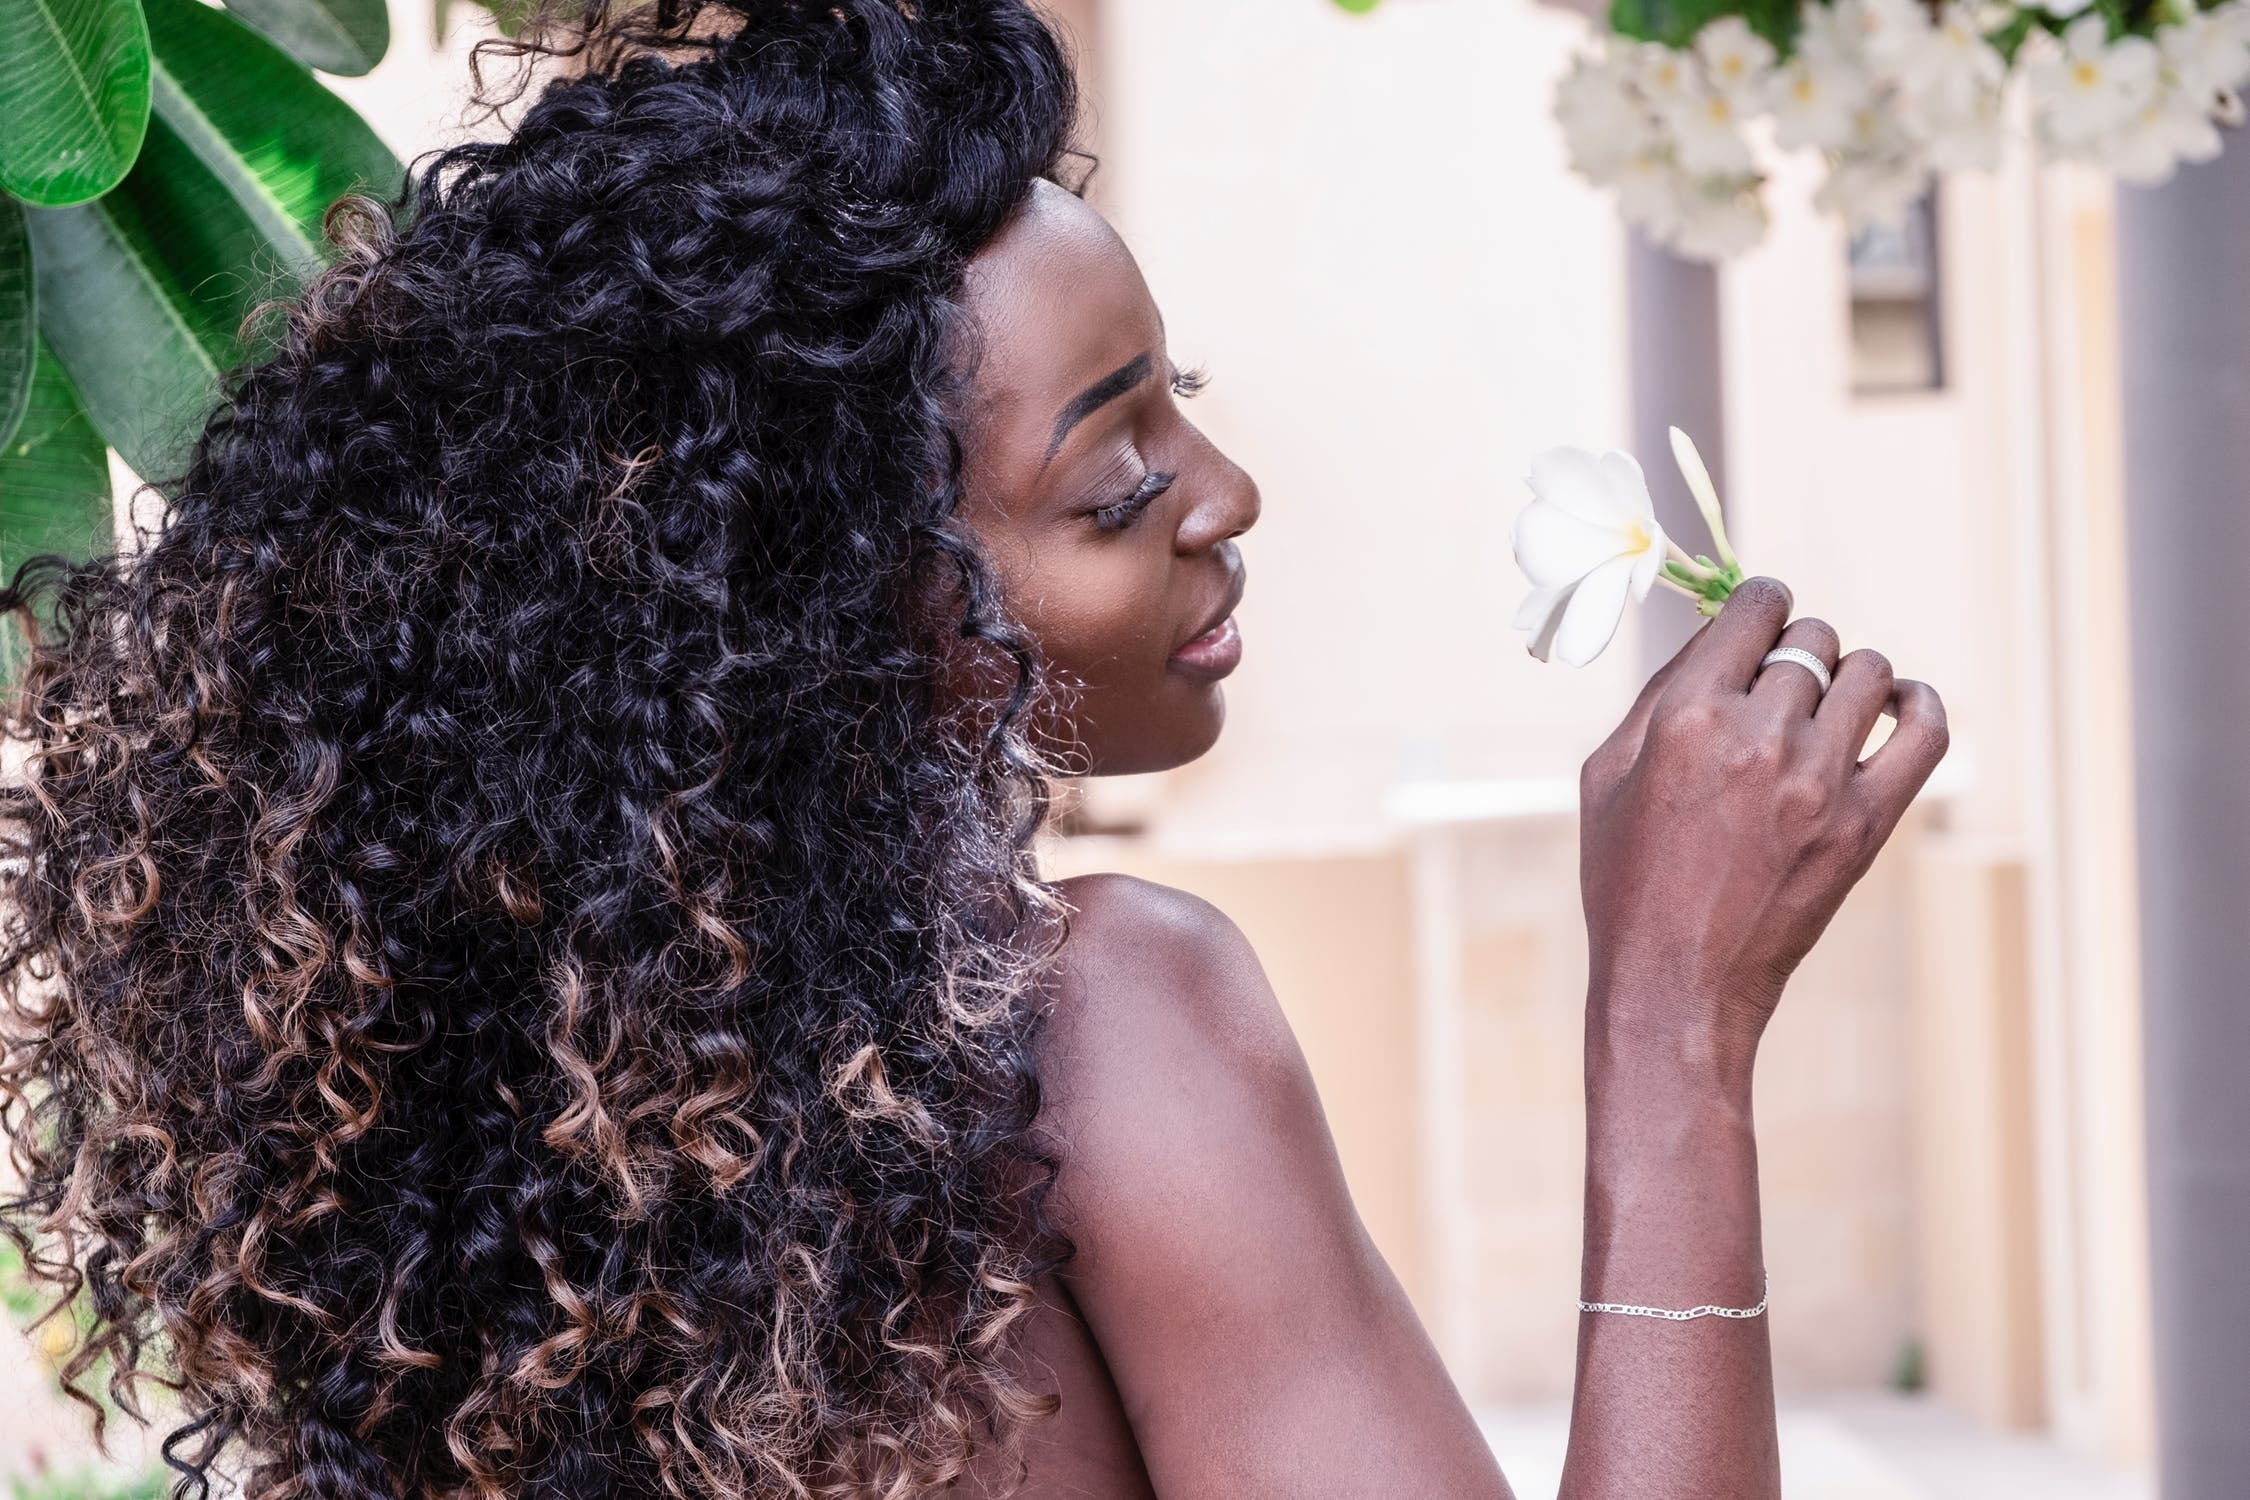 Se soigner de ses beaux cheveux, femme cheveux crépus magnifiques, belle fleur